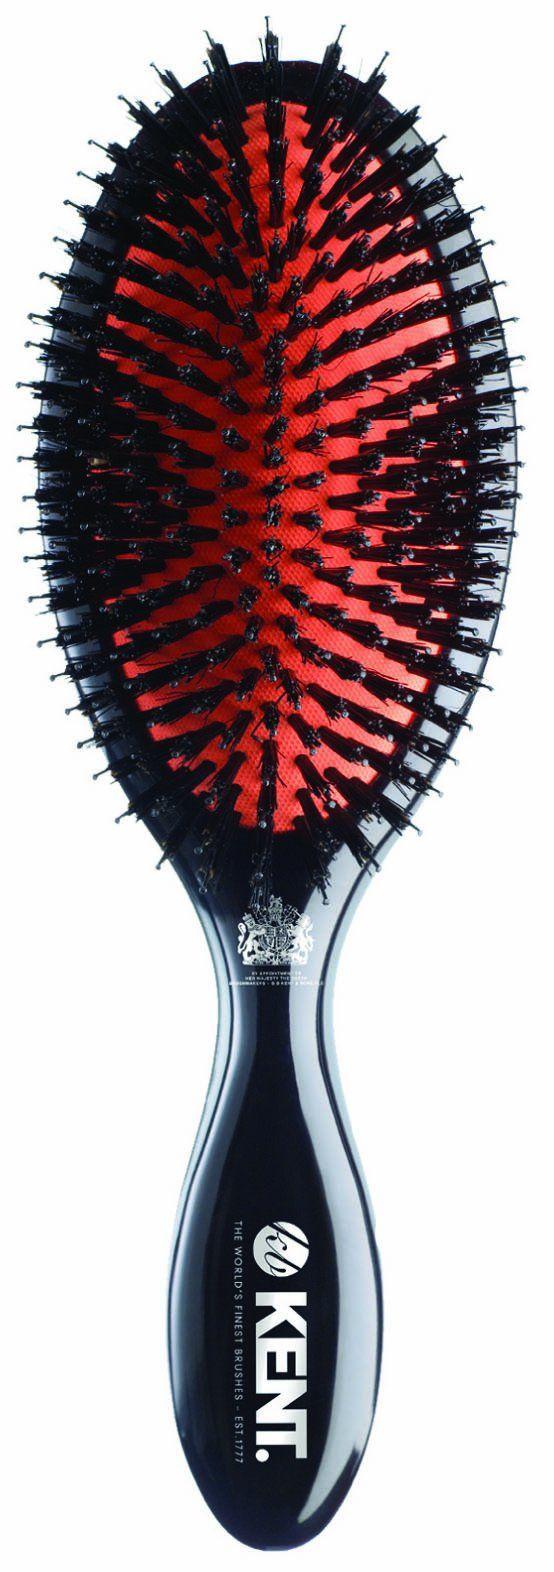 Kent Brushes Oval Cushion Hairbrush, Ruby CSML, Large, 6 Ounce